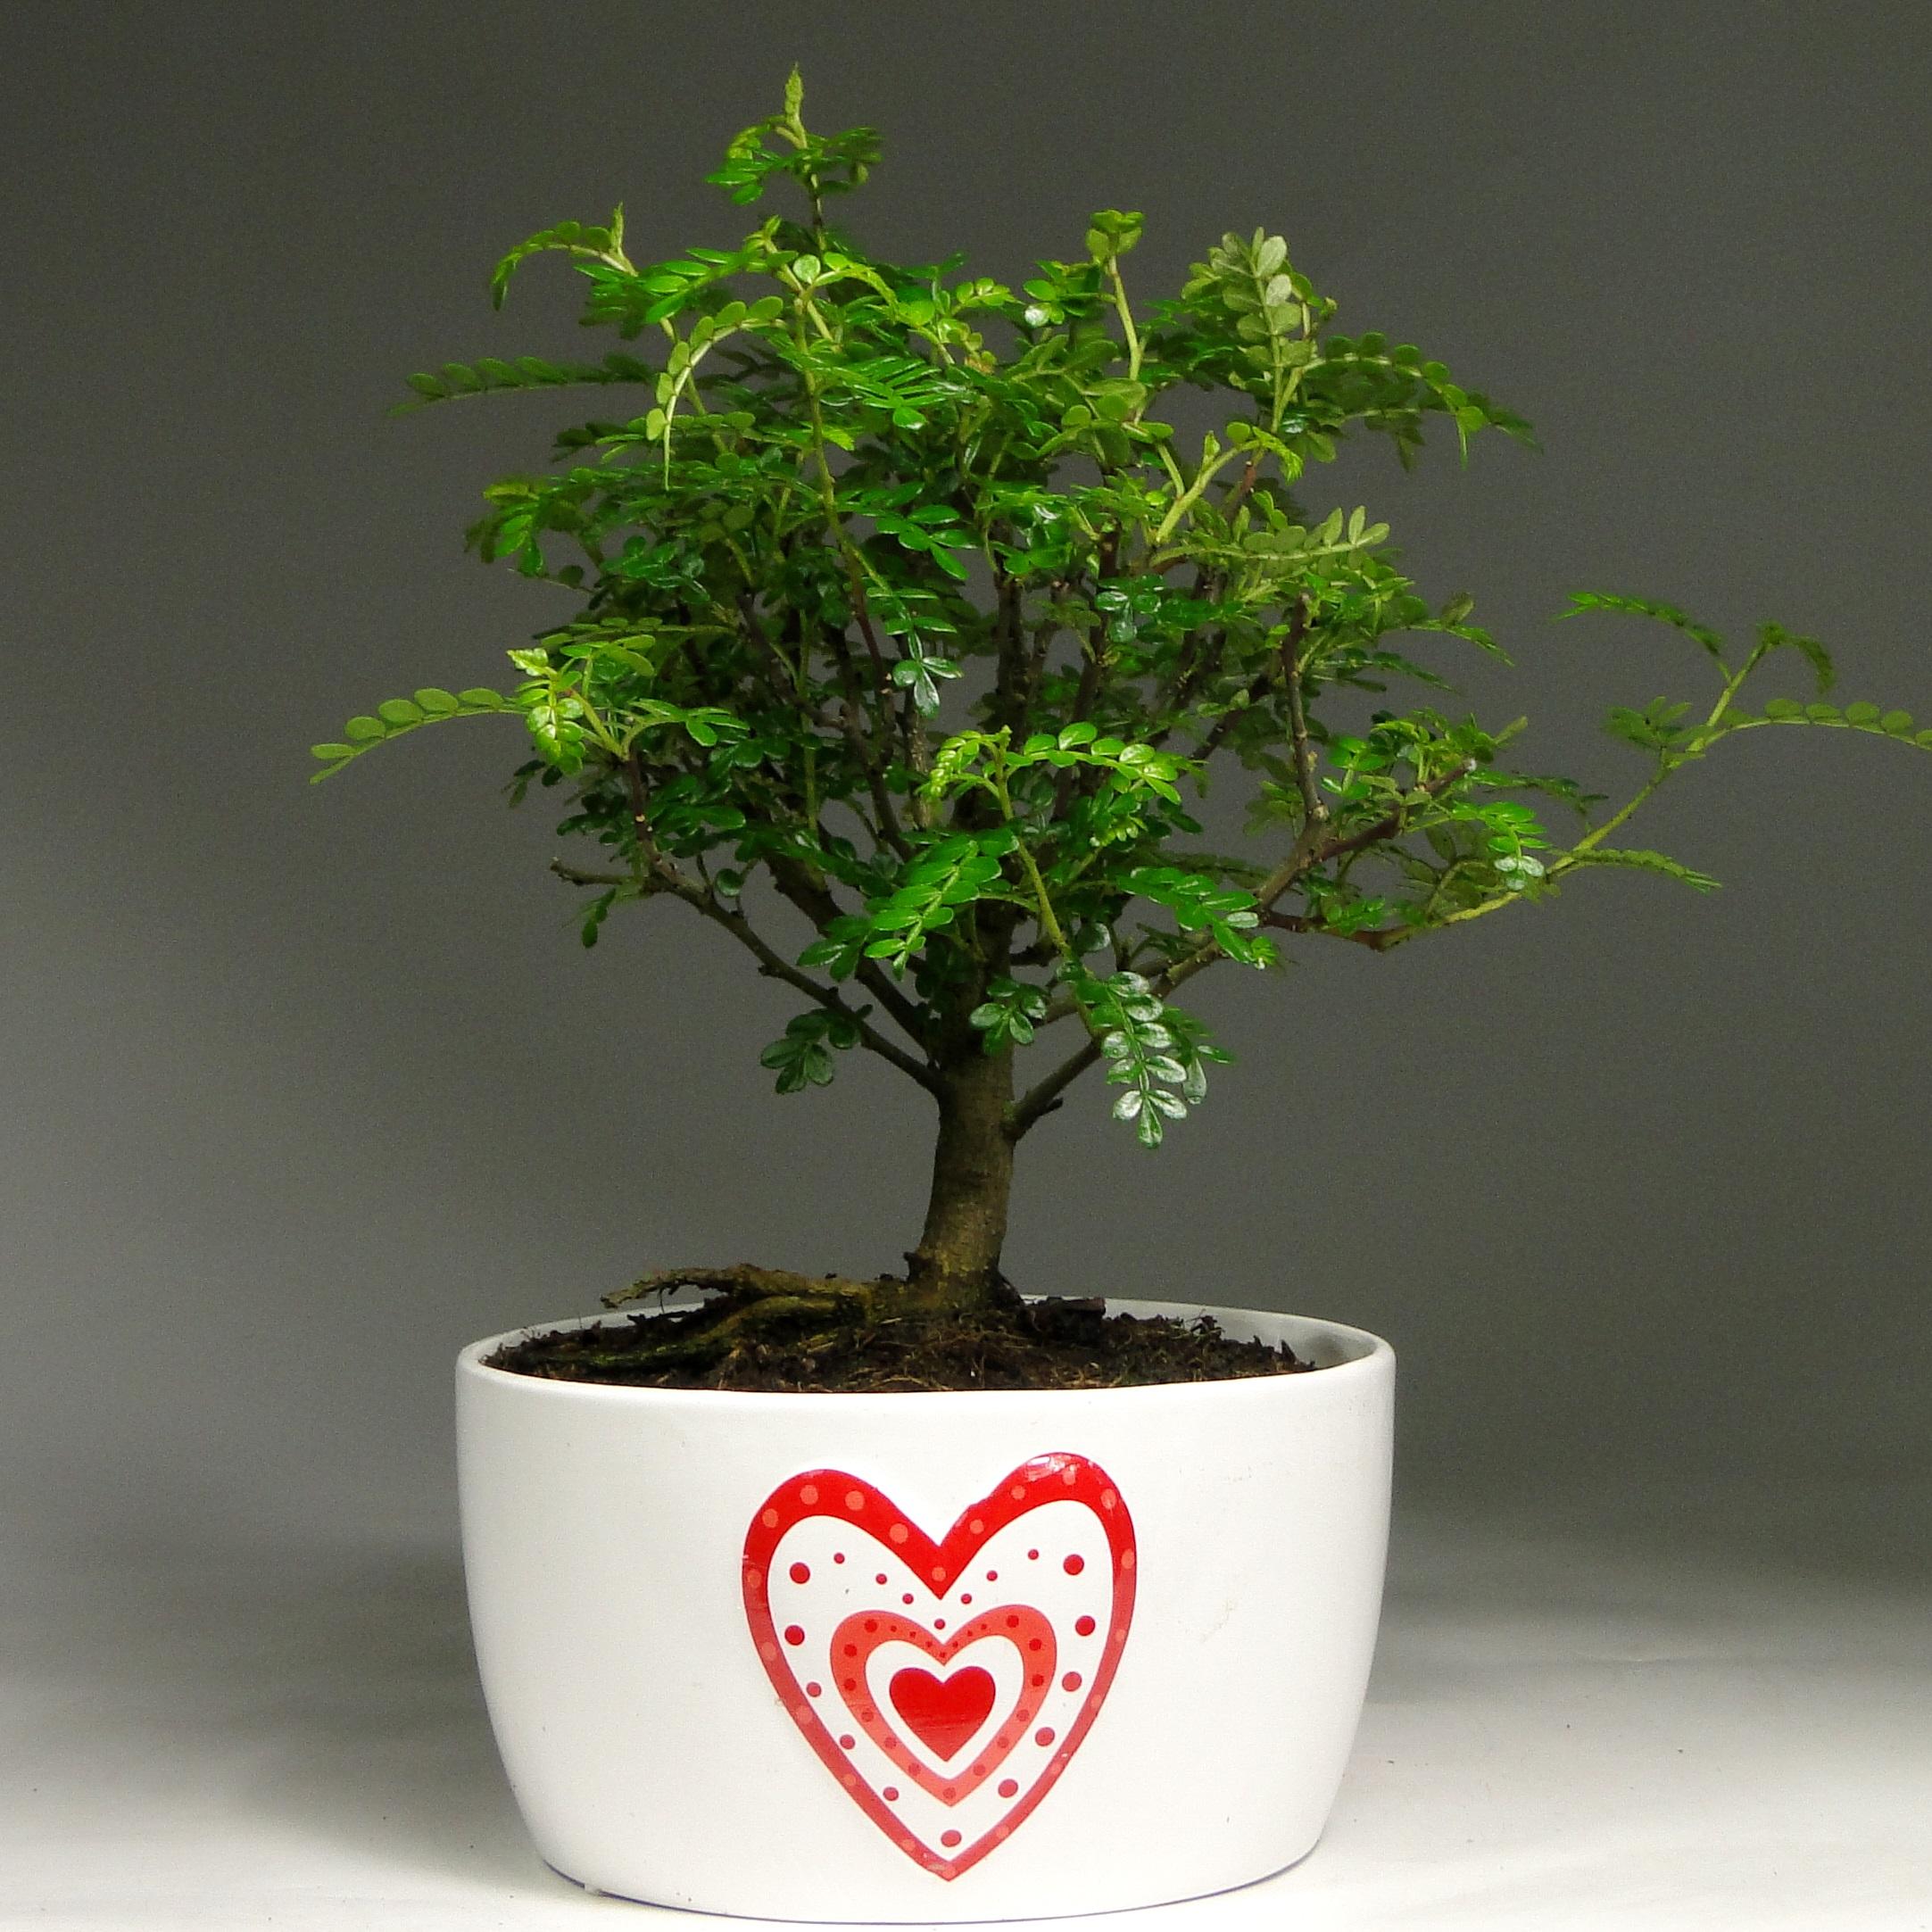 Бонсай зантоксилум в Heart керамике 30 см